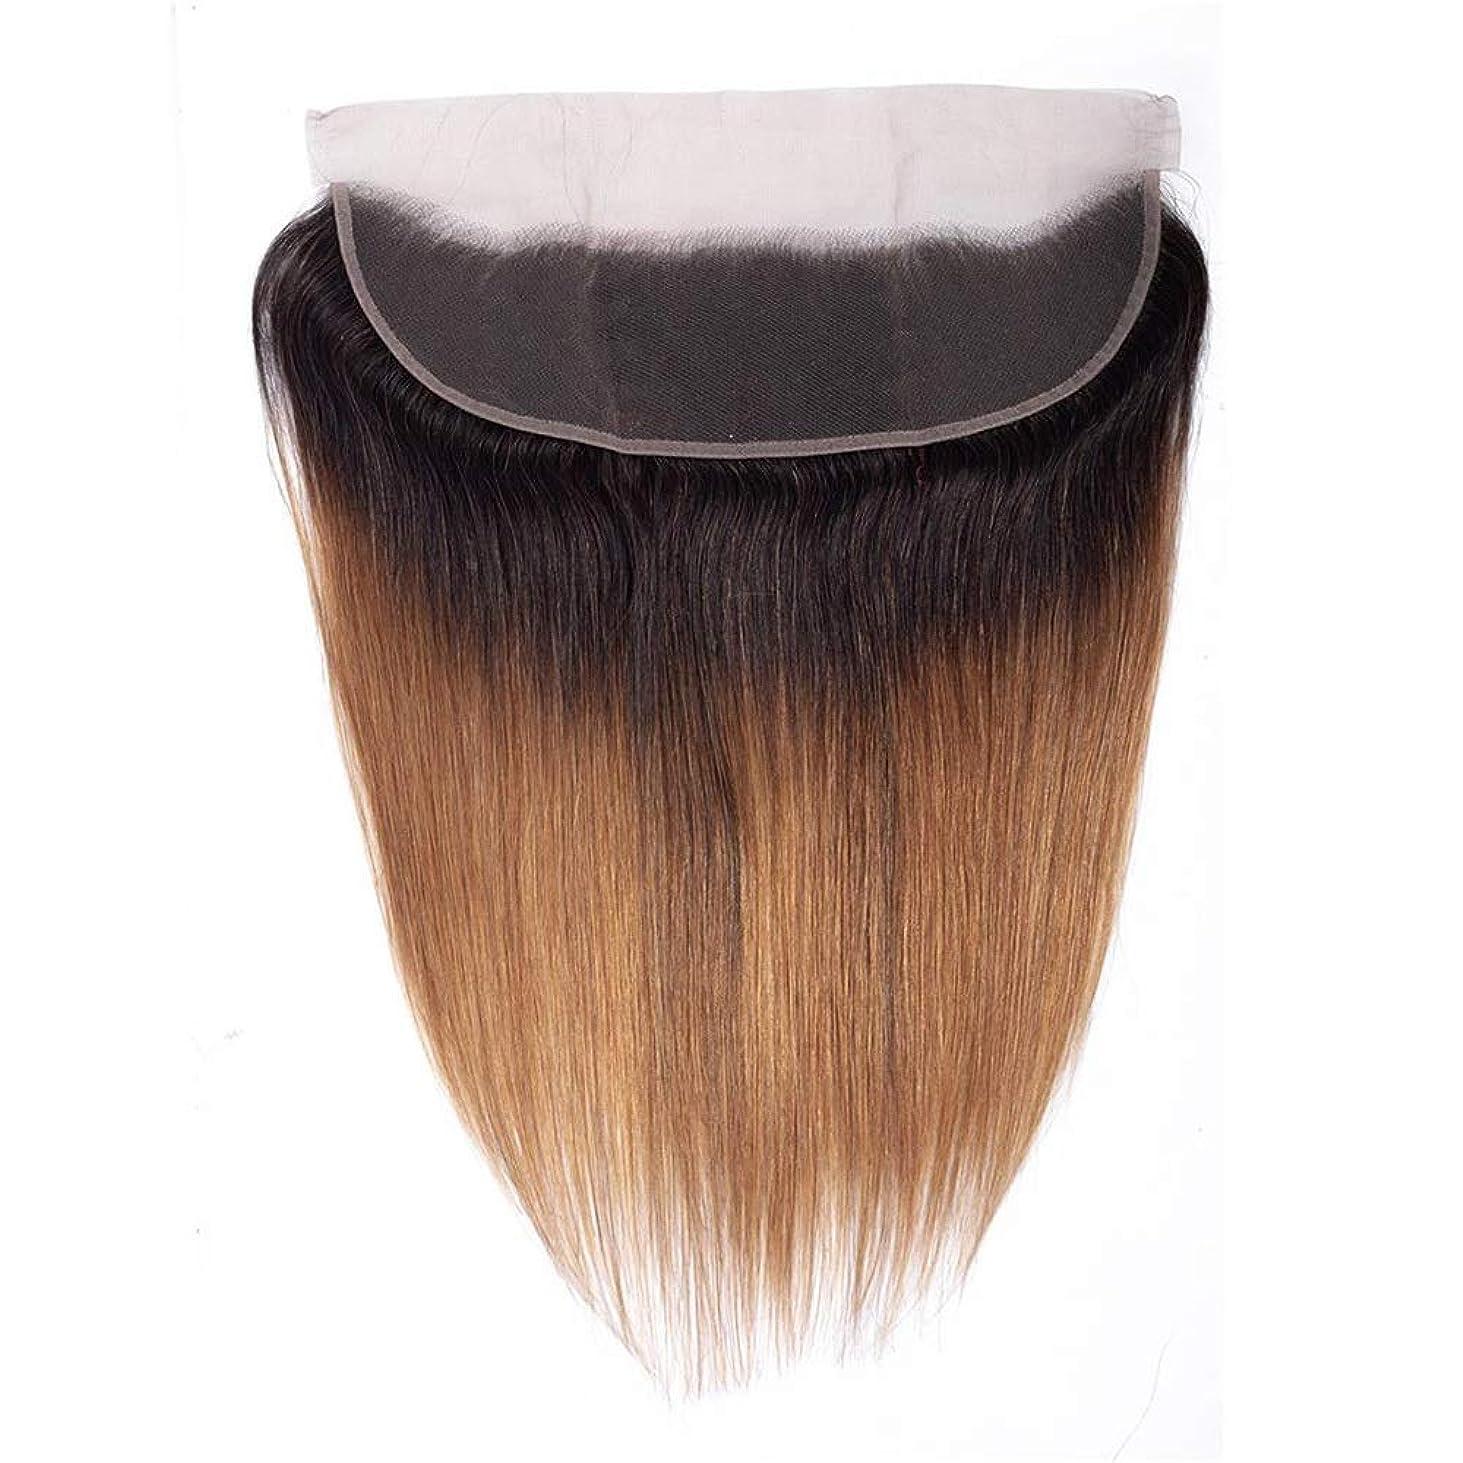 車両プラカードくつろぎHOHYLLYA ブラジルの人間の髪の毛ストレート13 * 4レースクロージャー1B / 30黒から茶色の2トーンの色(8インチ18インチ)かつらショートかつら (色 : ブラウン, サイズ : 16 inch)